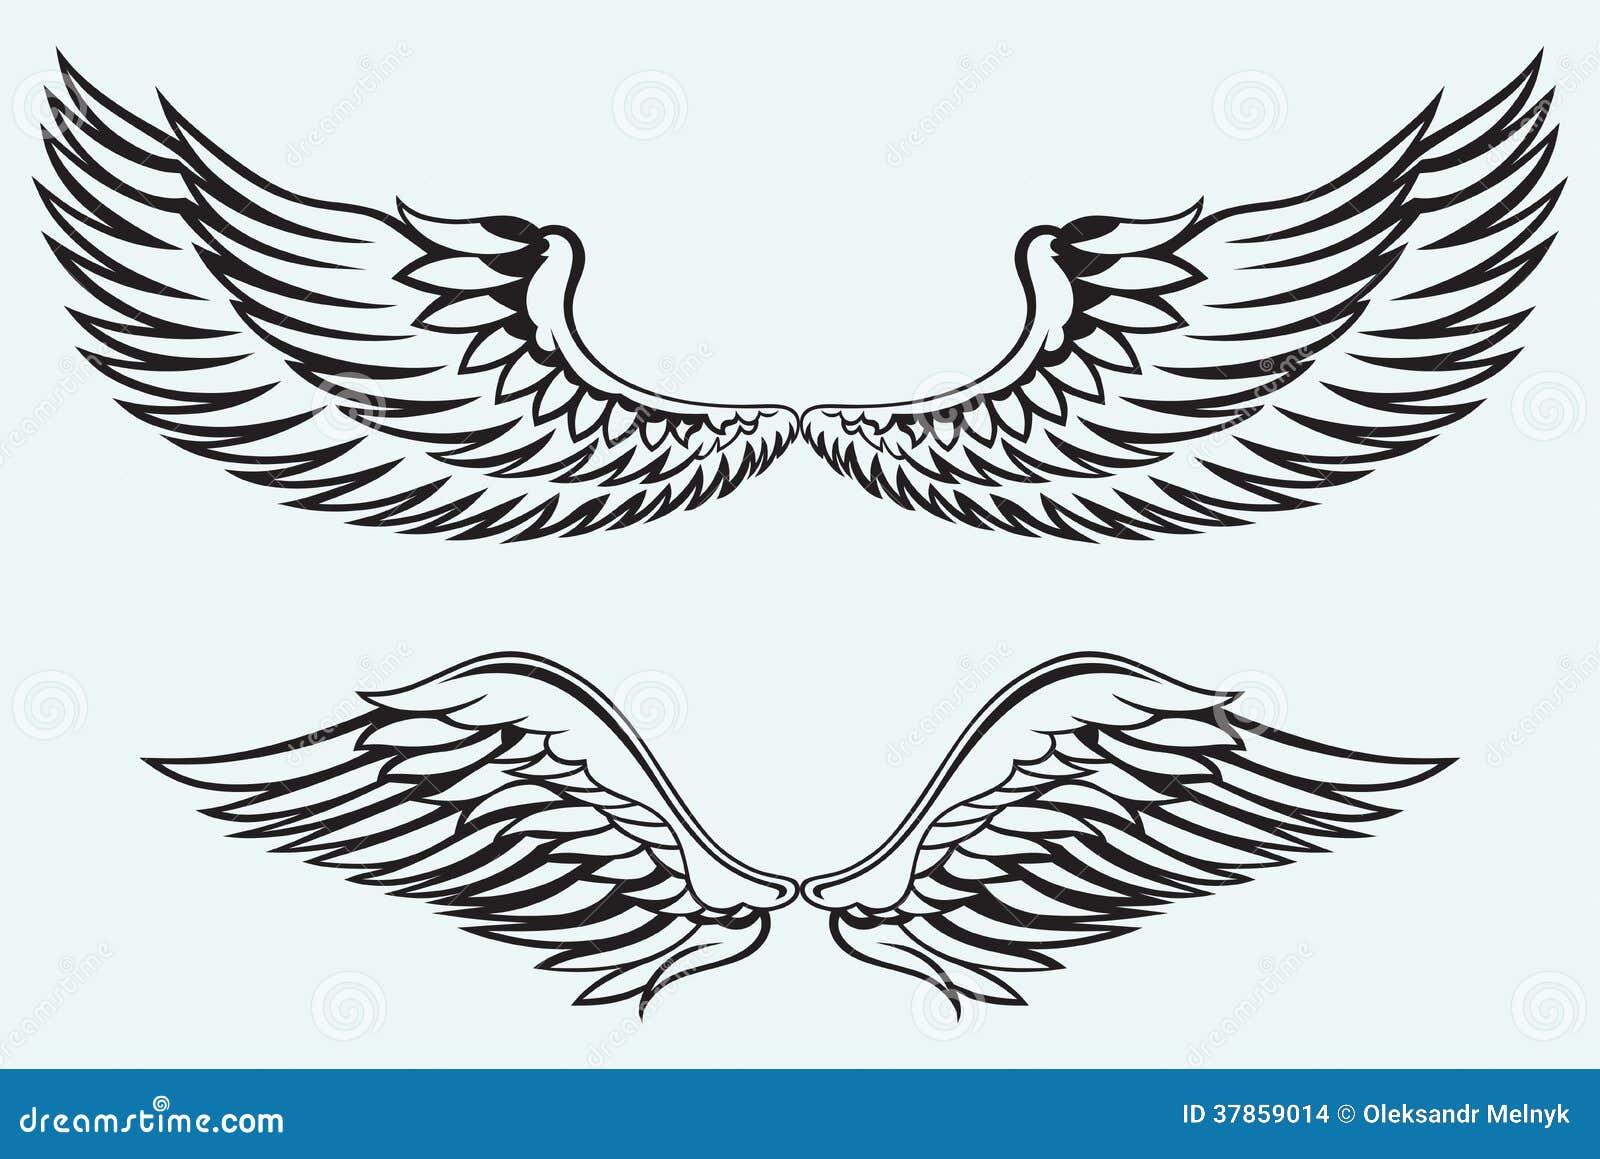 D Line Drawings Logo : Ailes d ange illustration de vecteur image du fond noir